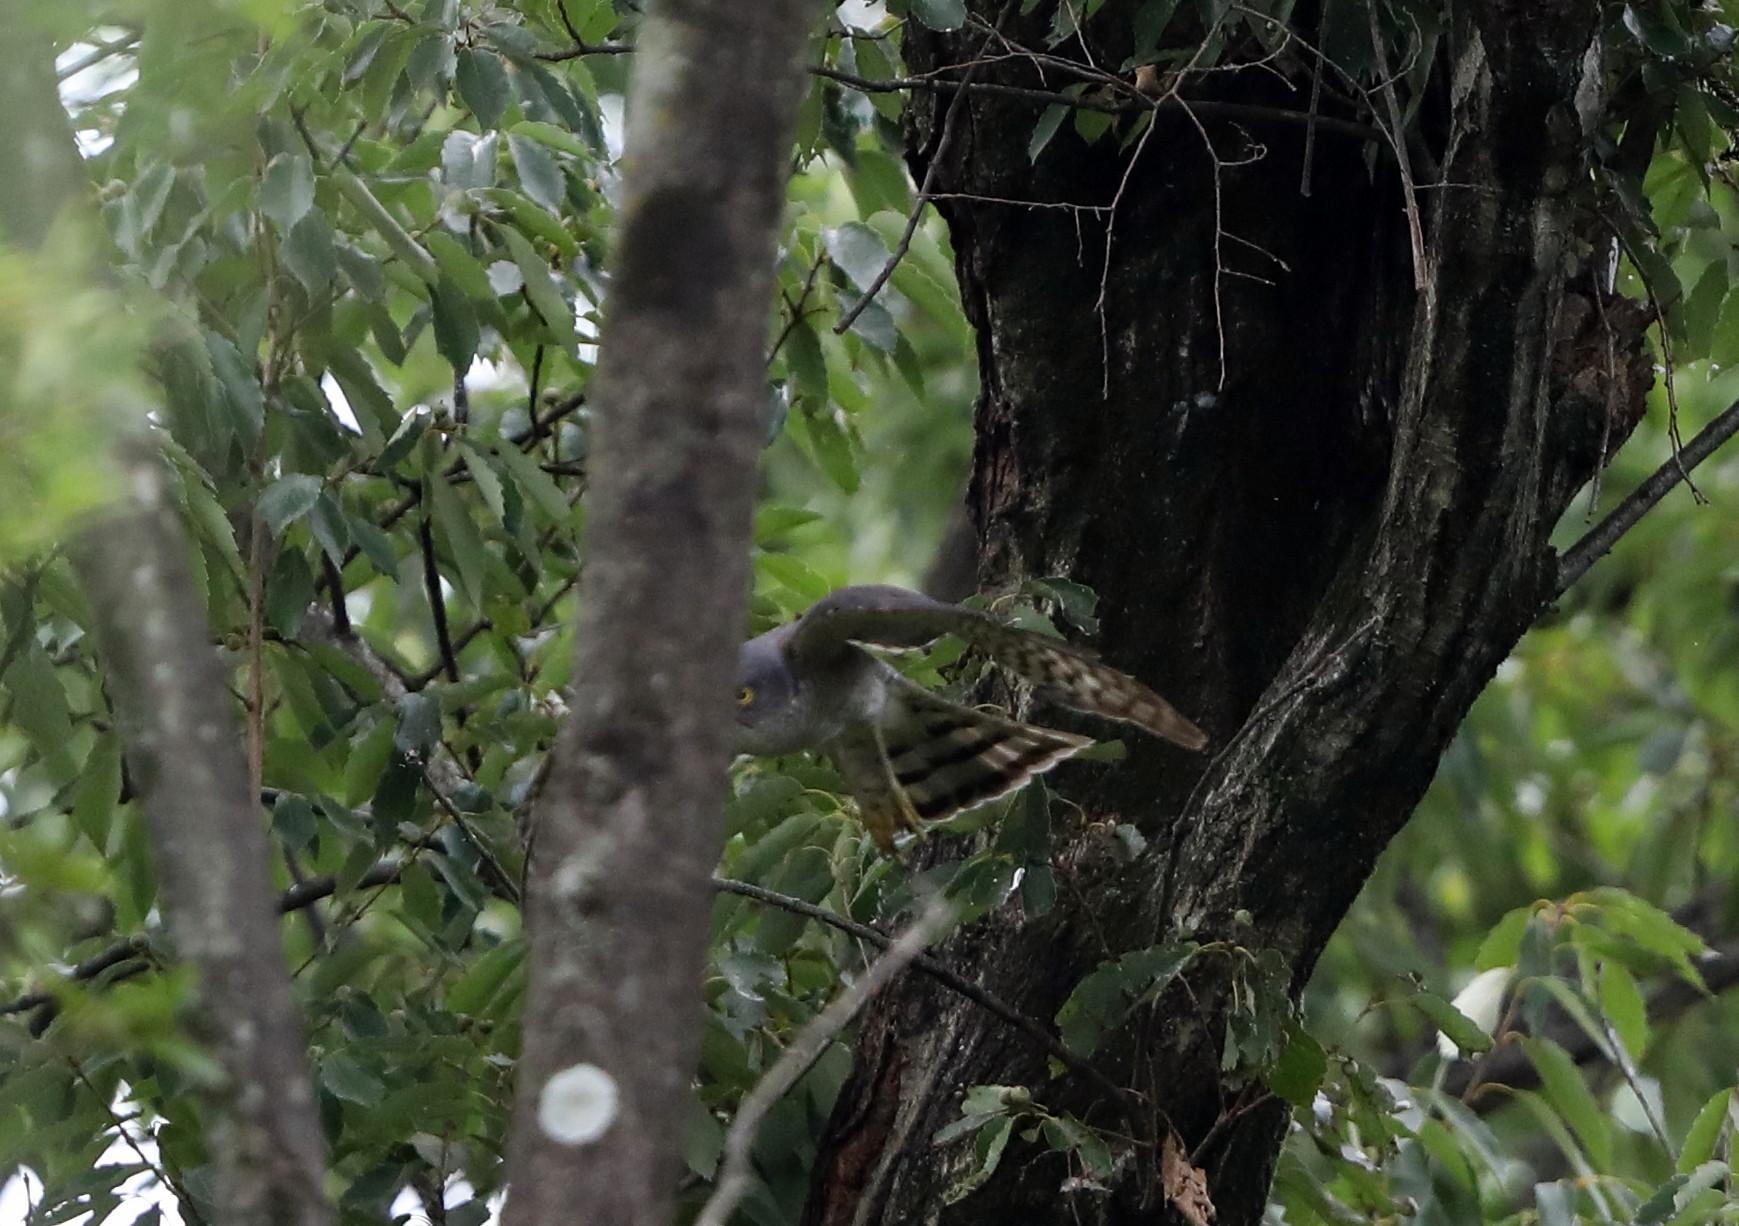 近隣の公園のツミ その12(母親の巣からの飛び出し)_f0239515_20495937.jpg